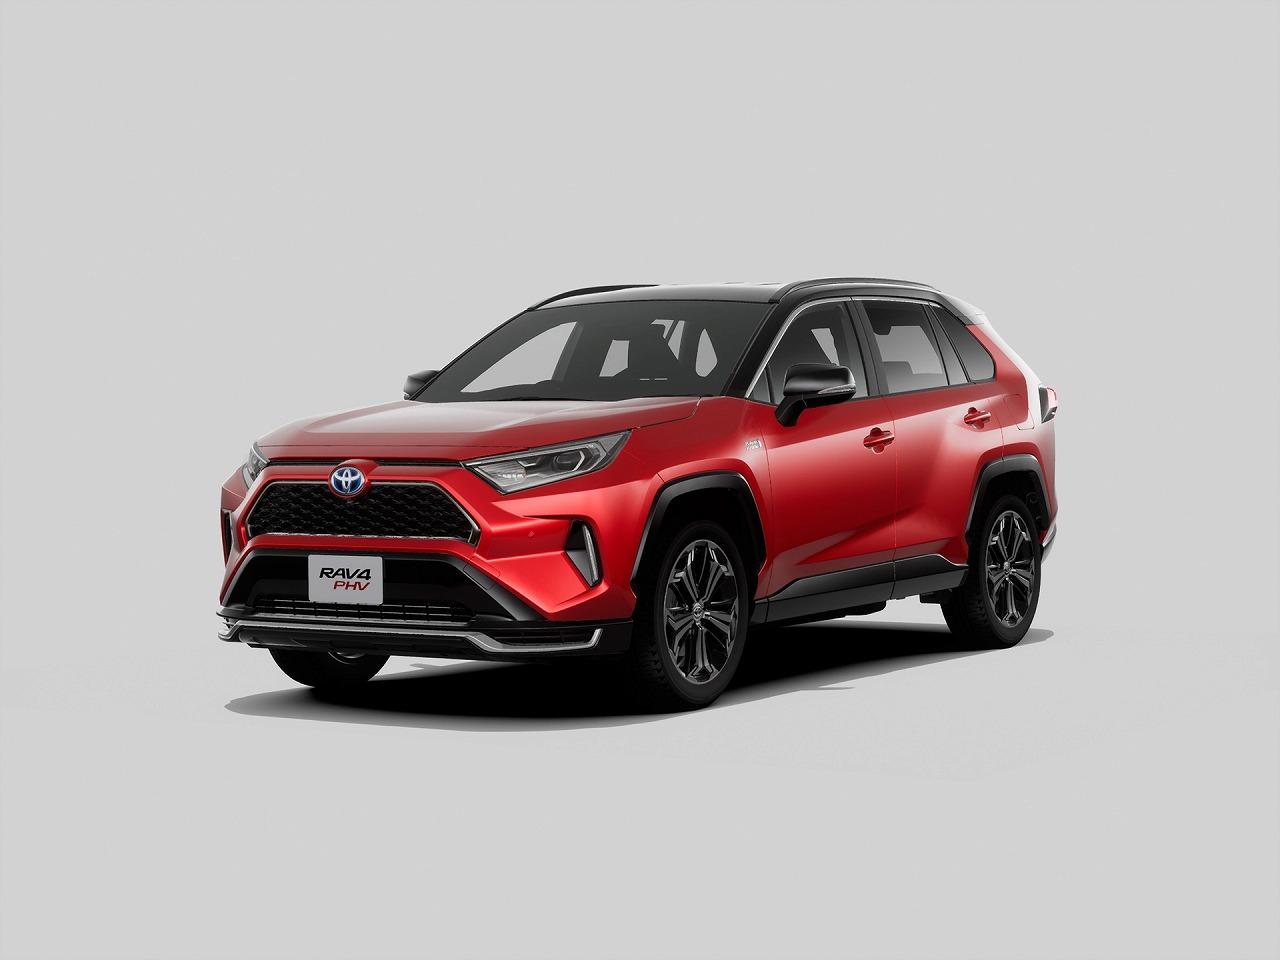 「今さら聞けない「電動車」とは? 「電気自動車」「PHEV」「HEV」「燃料電池車」も含む車両の特徴とコスト比較で紹介」の11枚目の画像